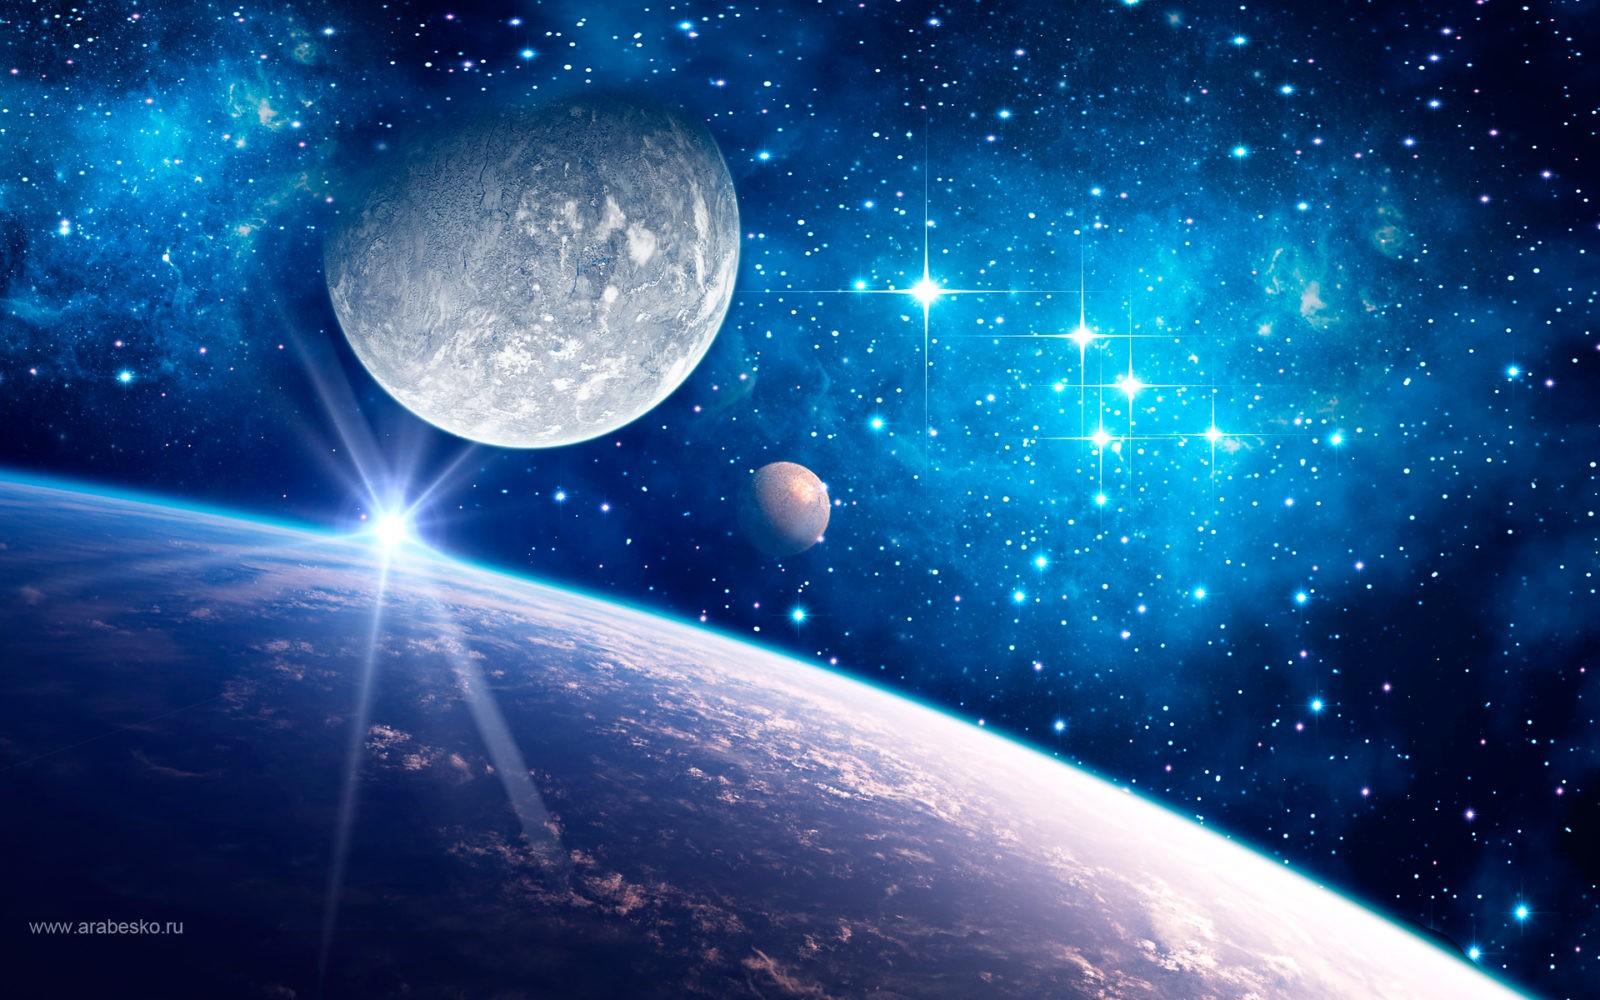 обои парад планет